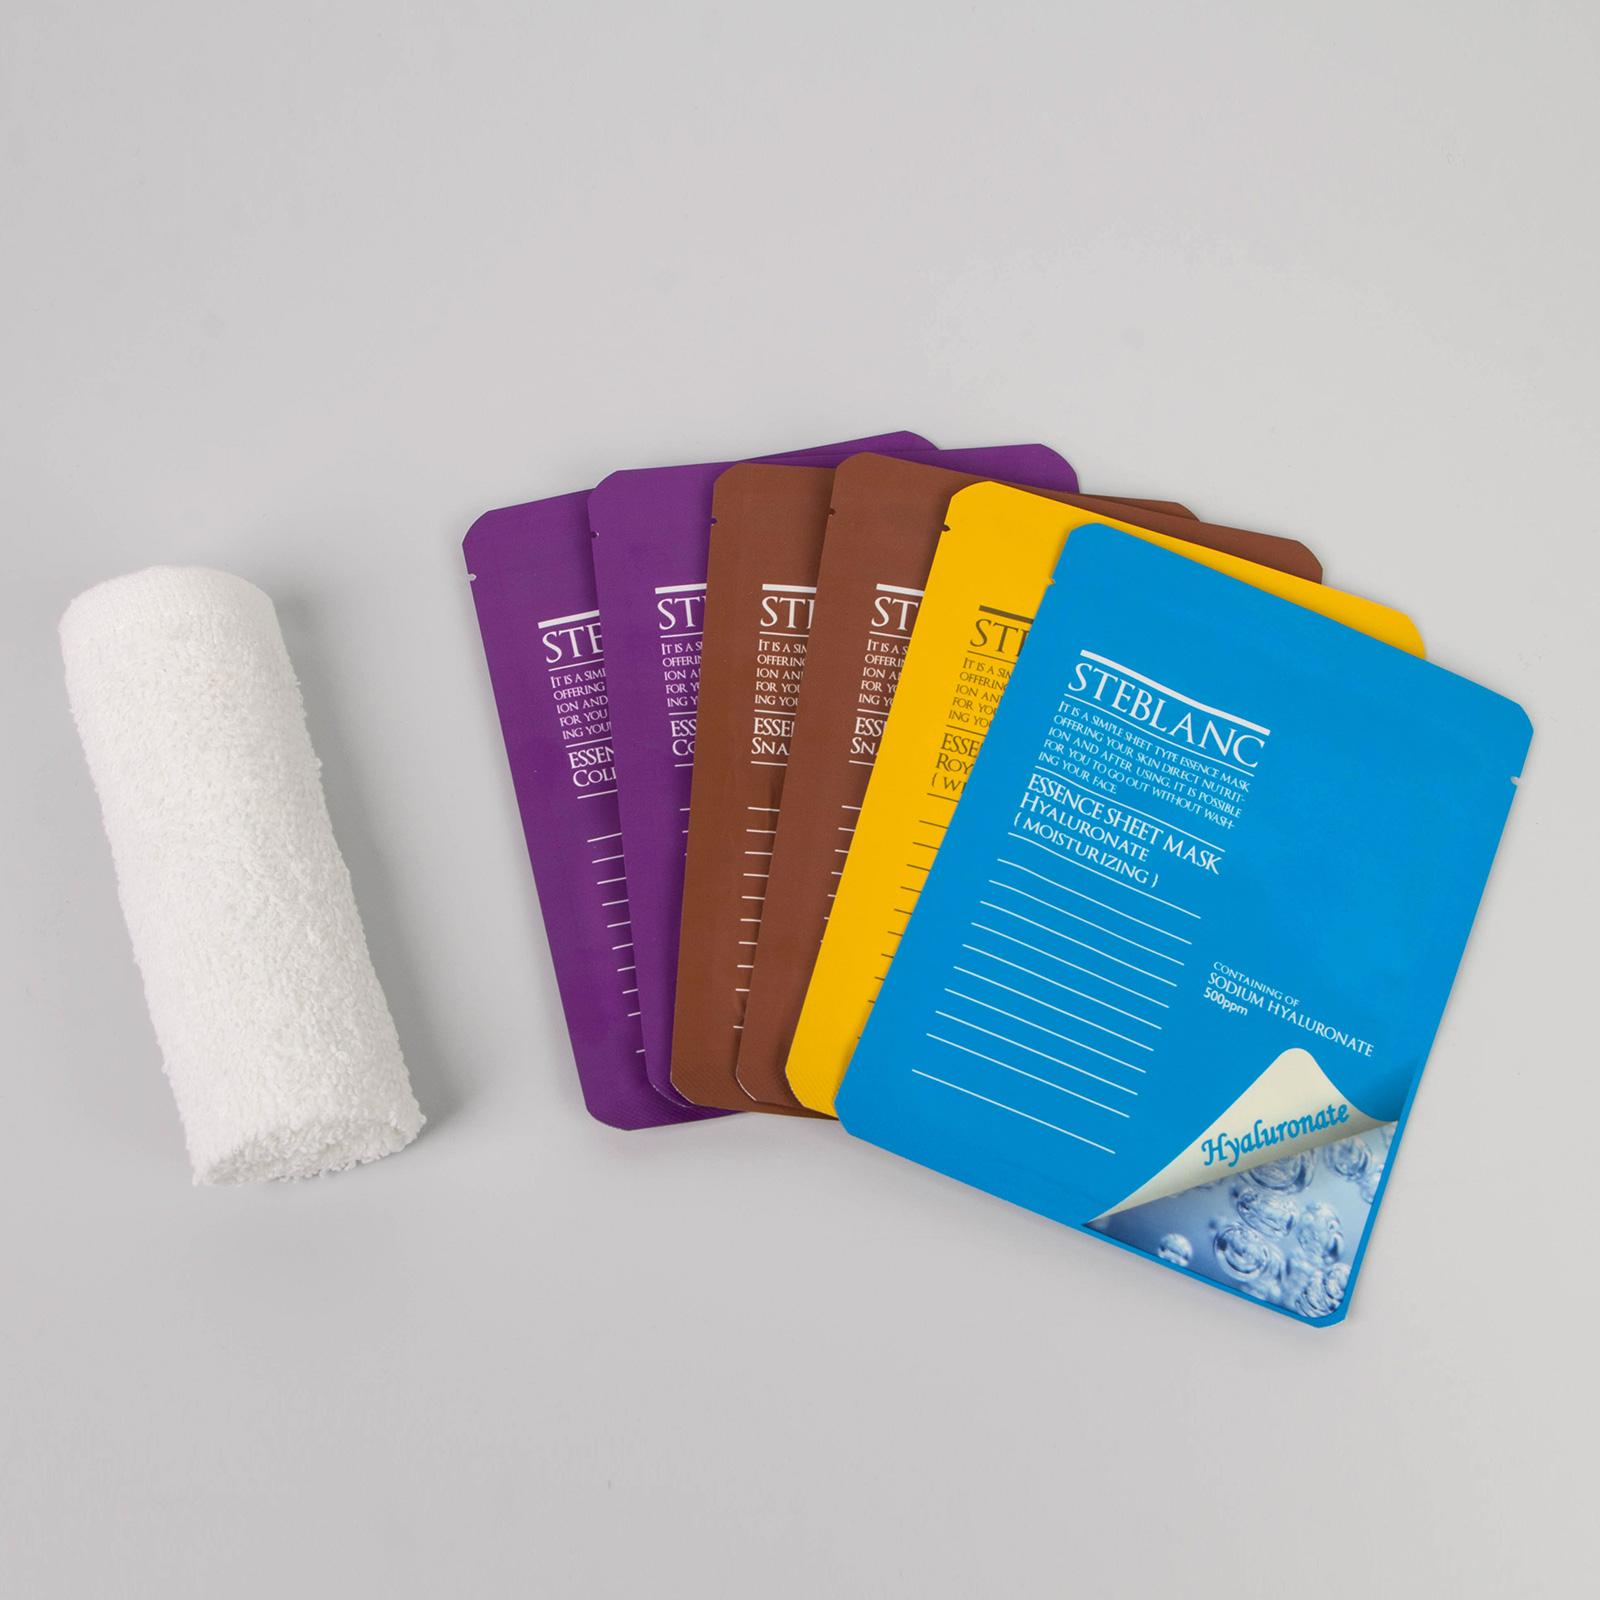 Набор масок для лица «Энергетический комплекс» в подарочной упаковке